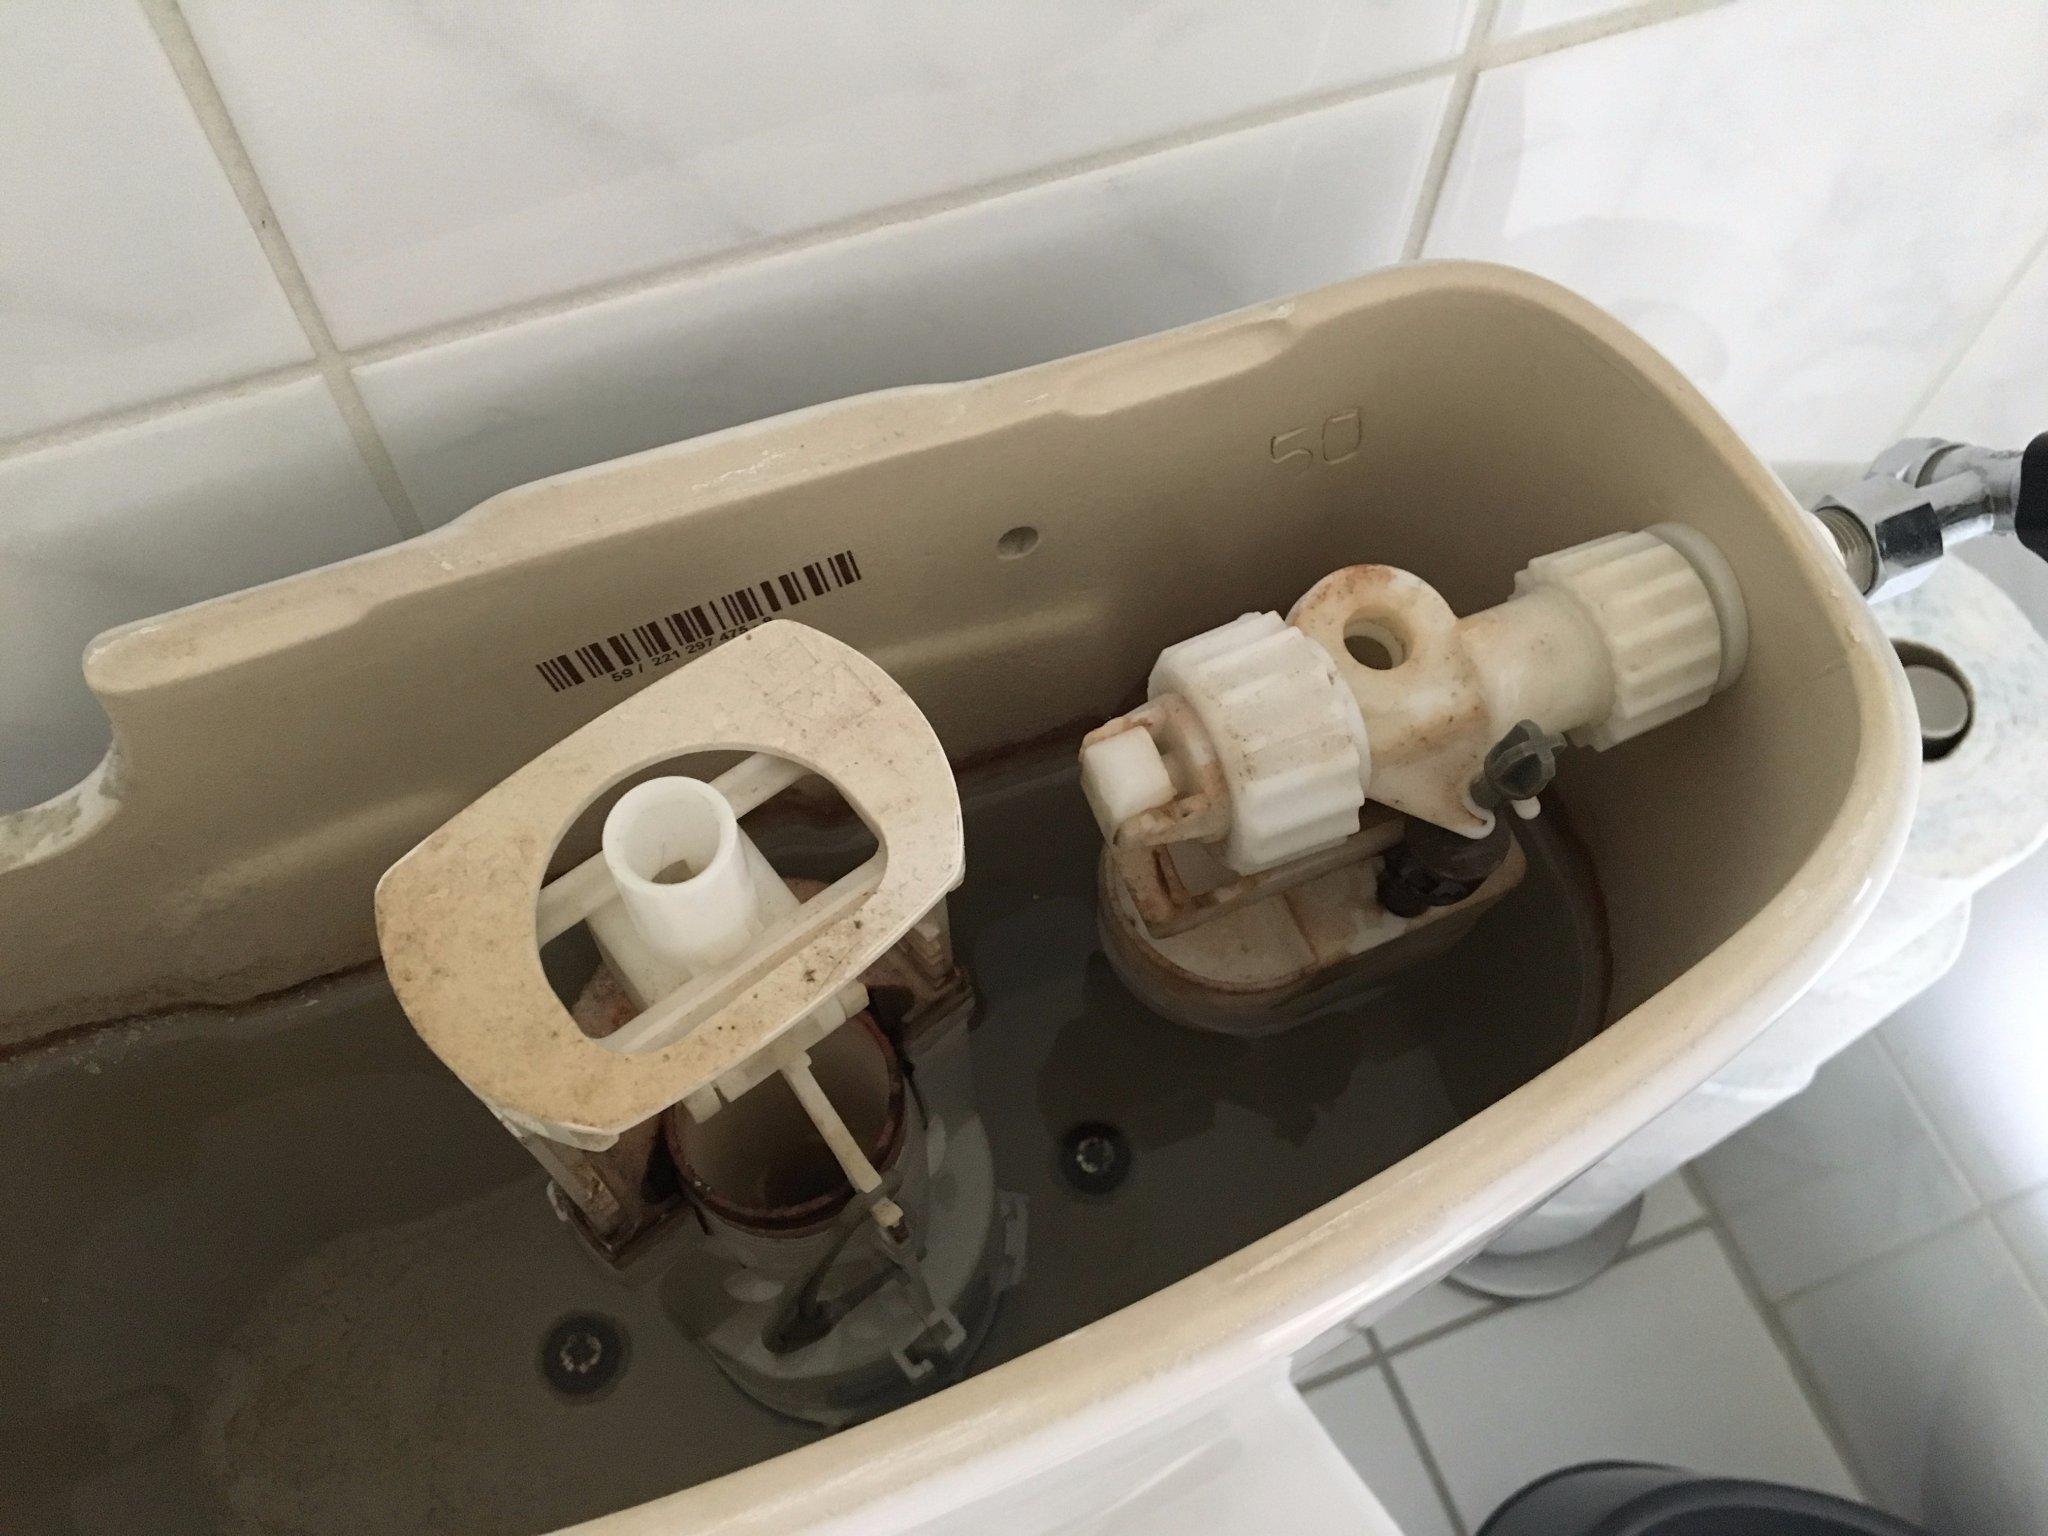 Binnenwerk Spoelbak Toilet : Toilet reparatie binnenwerk spoelbak werkspot